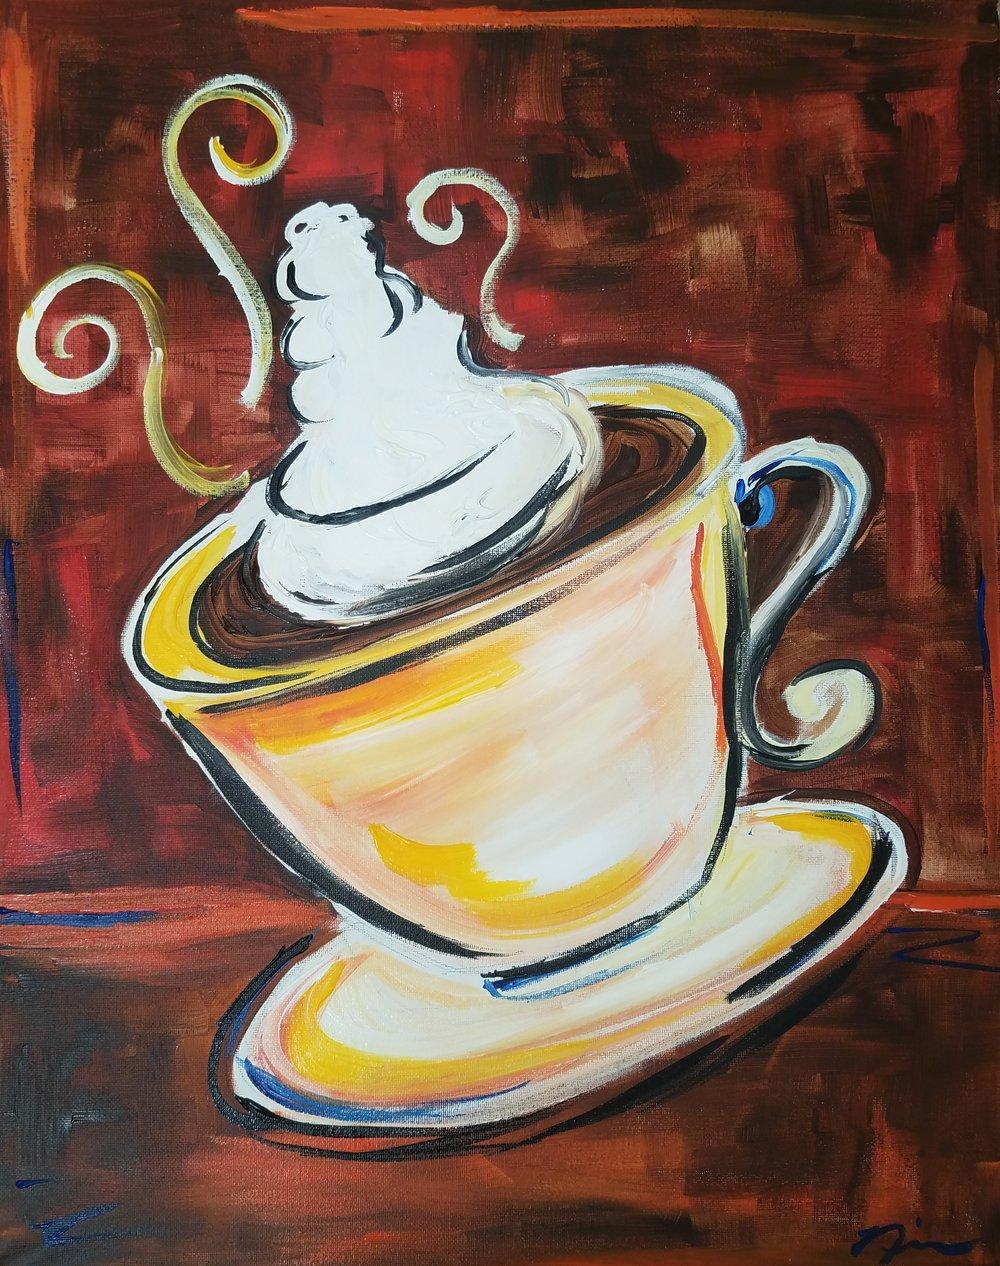 December 7th @ 8pm - Instructor: Nina | Artist: Nina